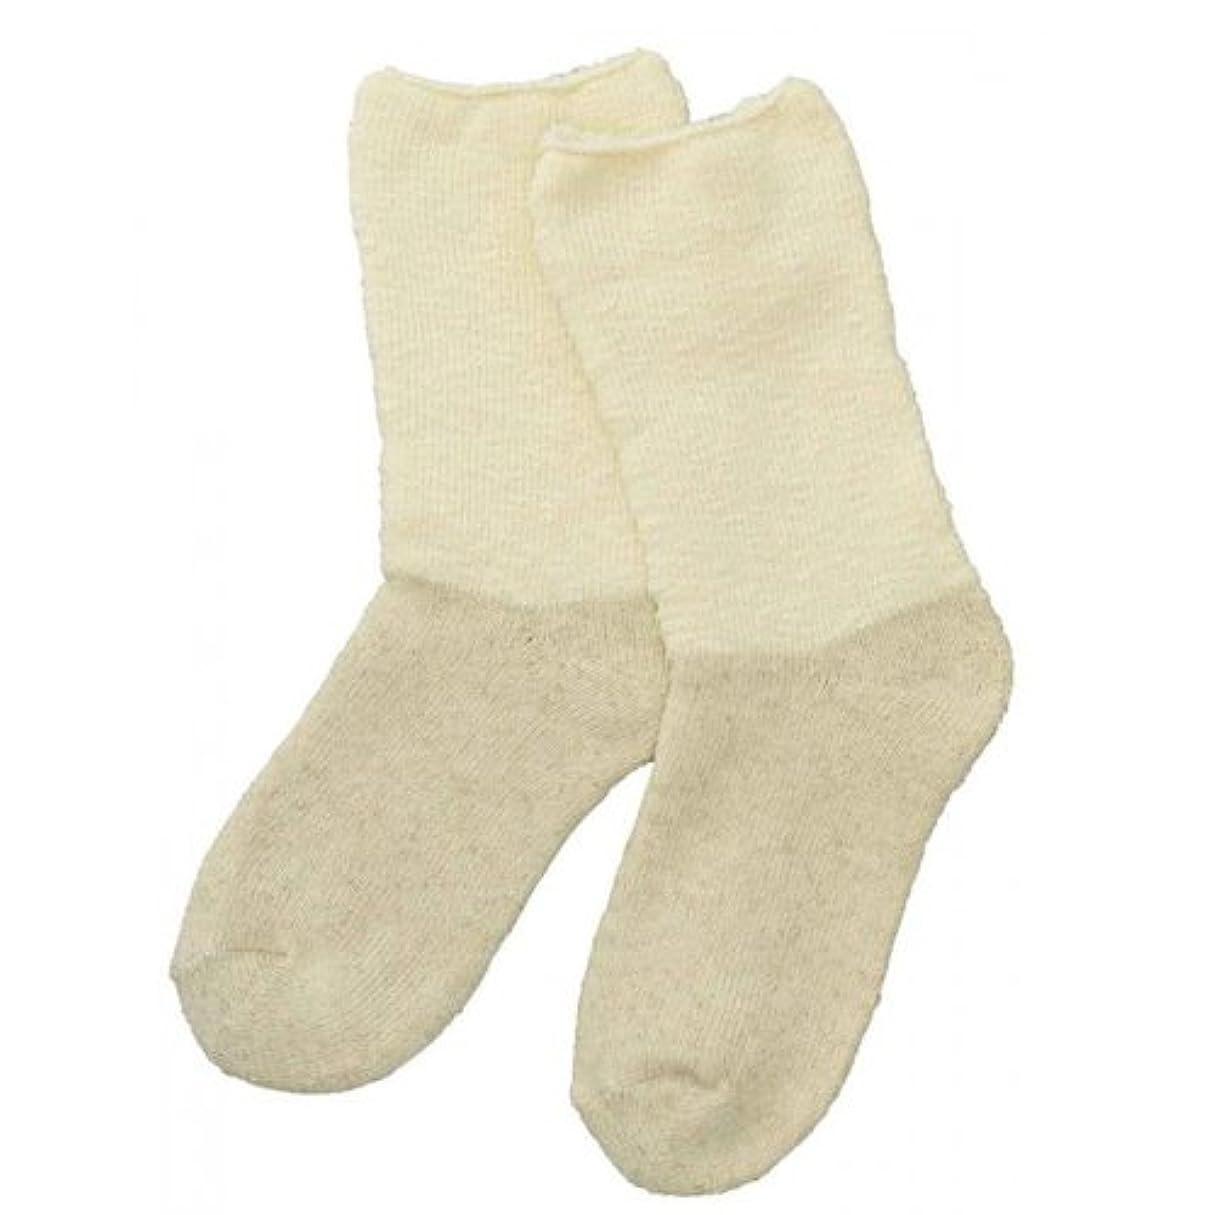 節約する挽く子供時代Carelance(ケアランス)お風呂上りのやさしい靴下 綿麻パイルで足先さわやか 8706CA-31 クリーム